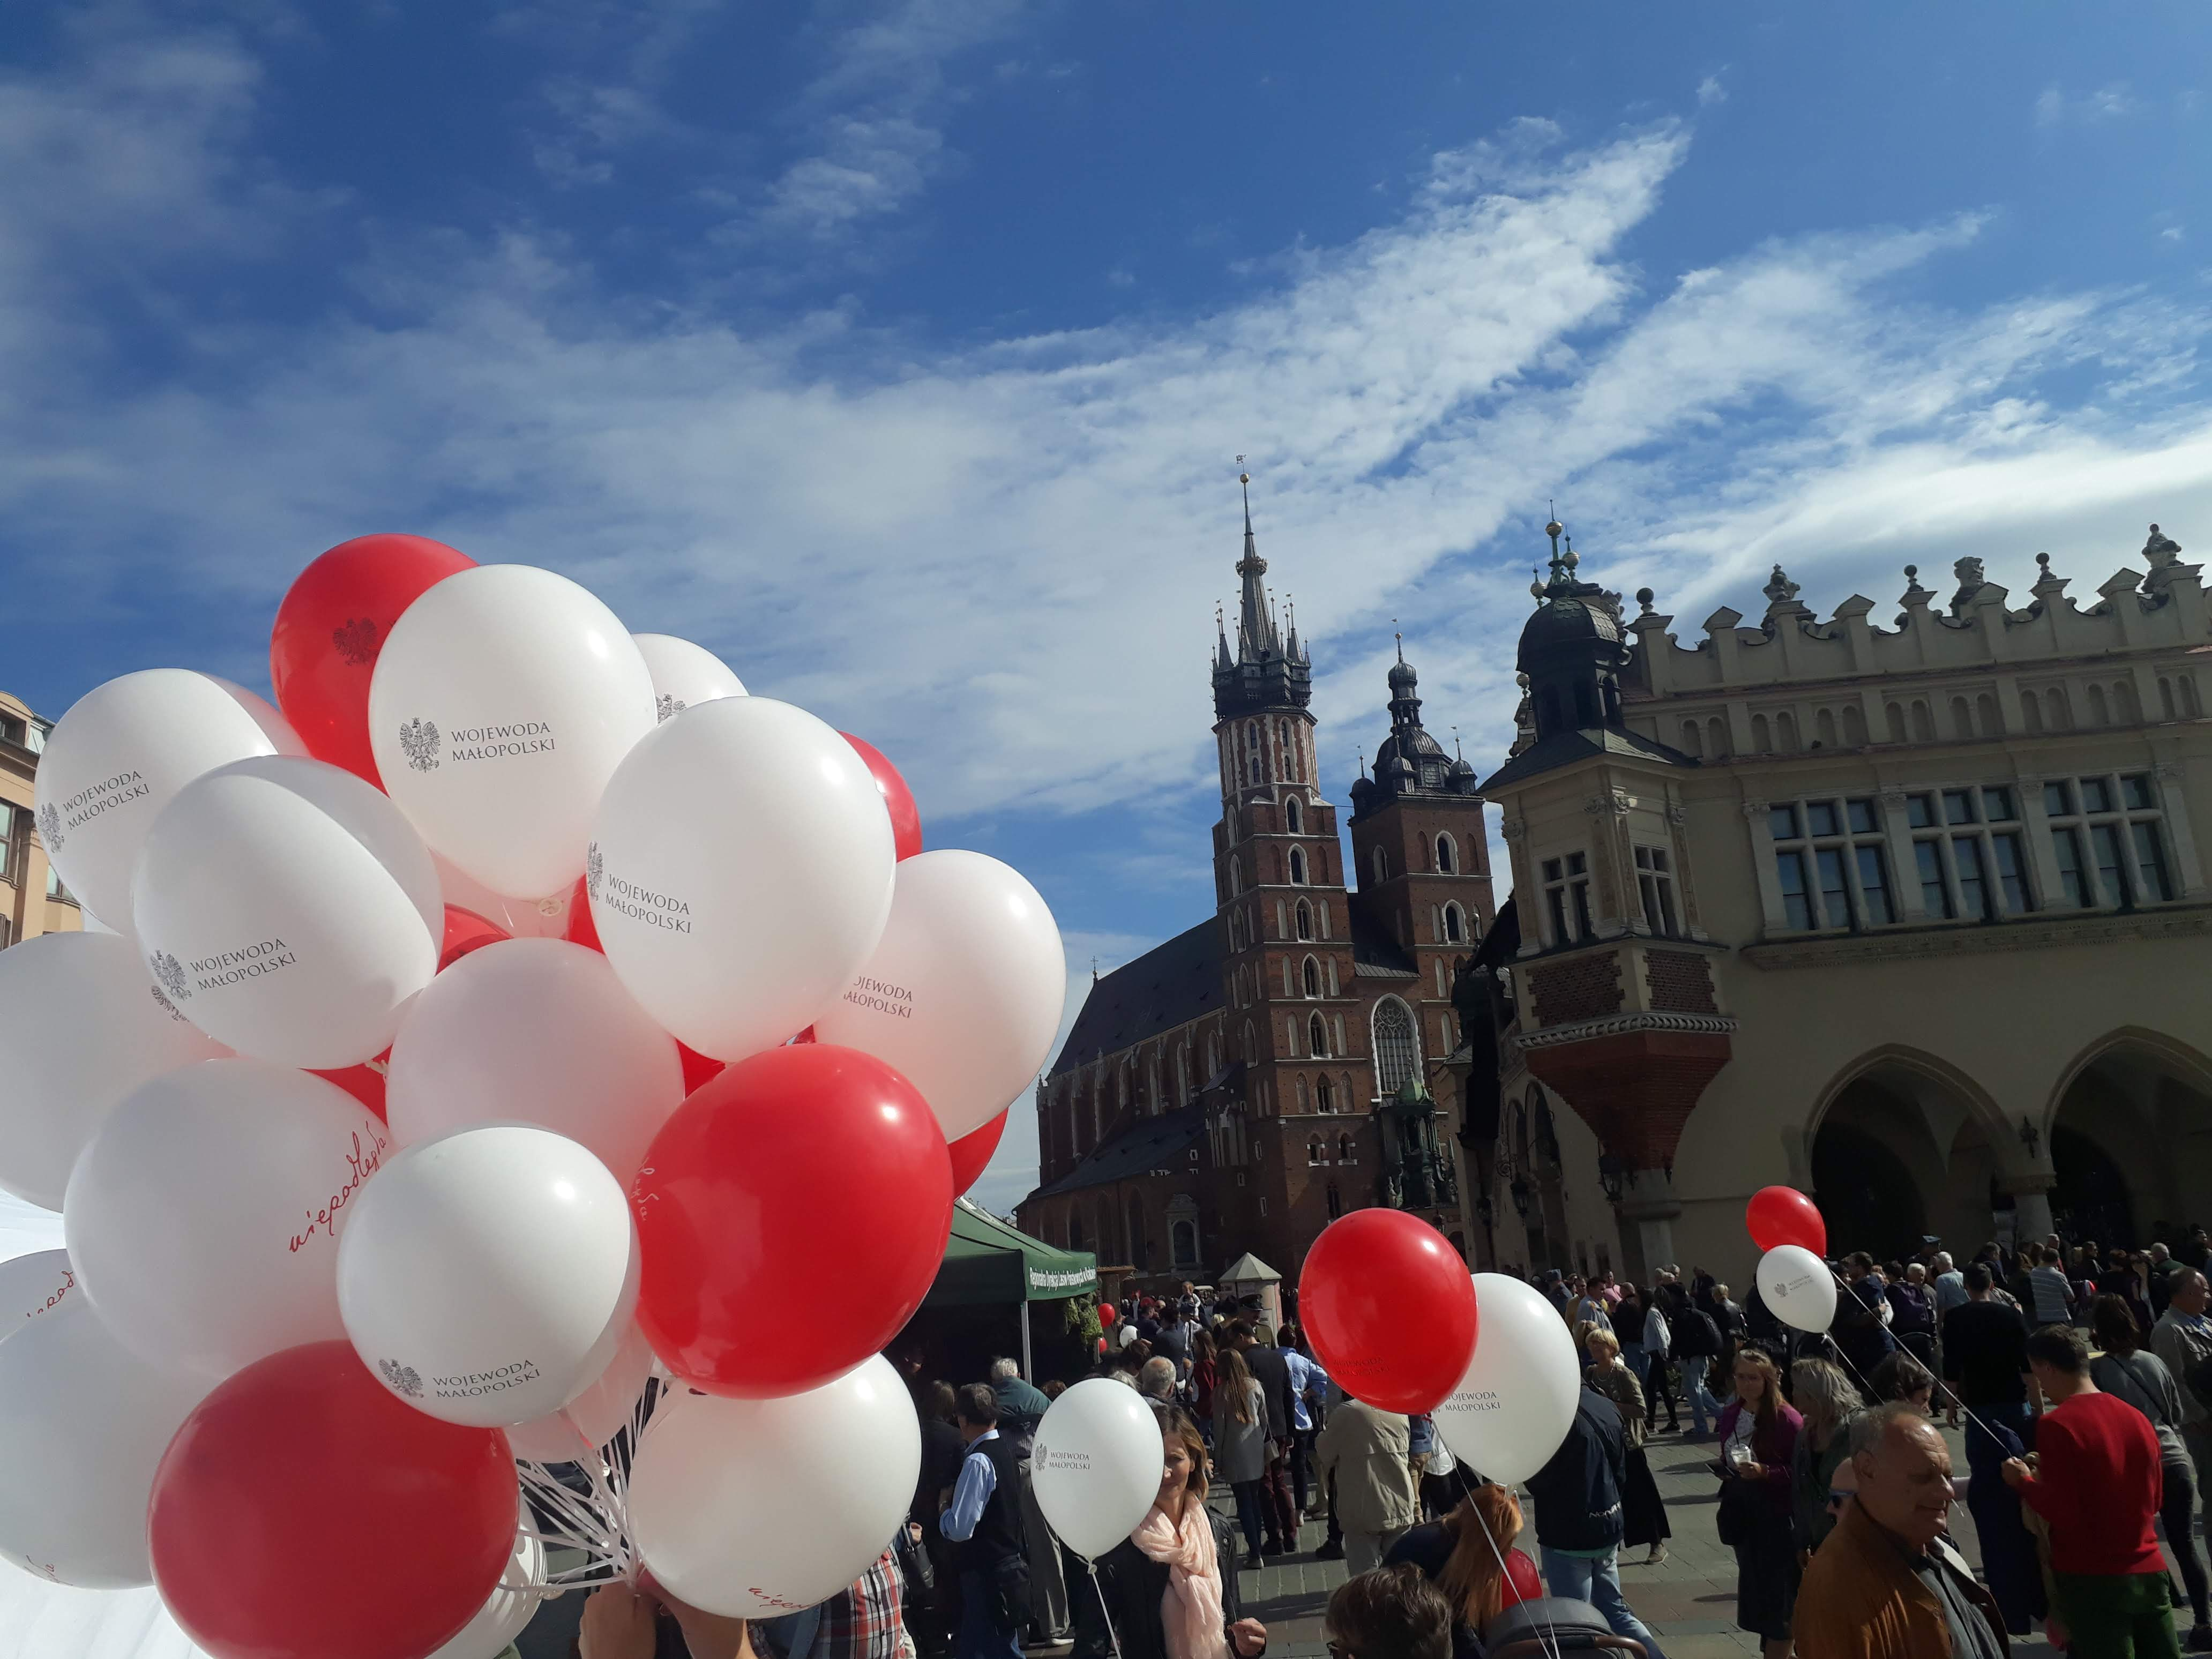 Balony z logo niepodległa na rynku krakowskim